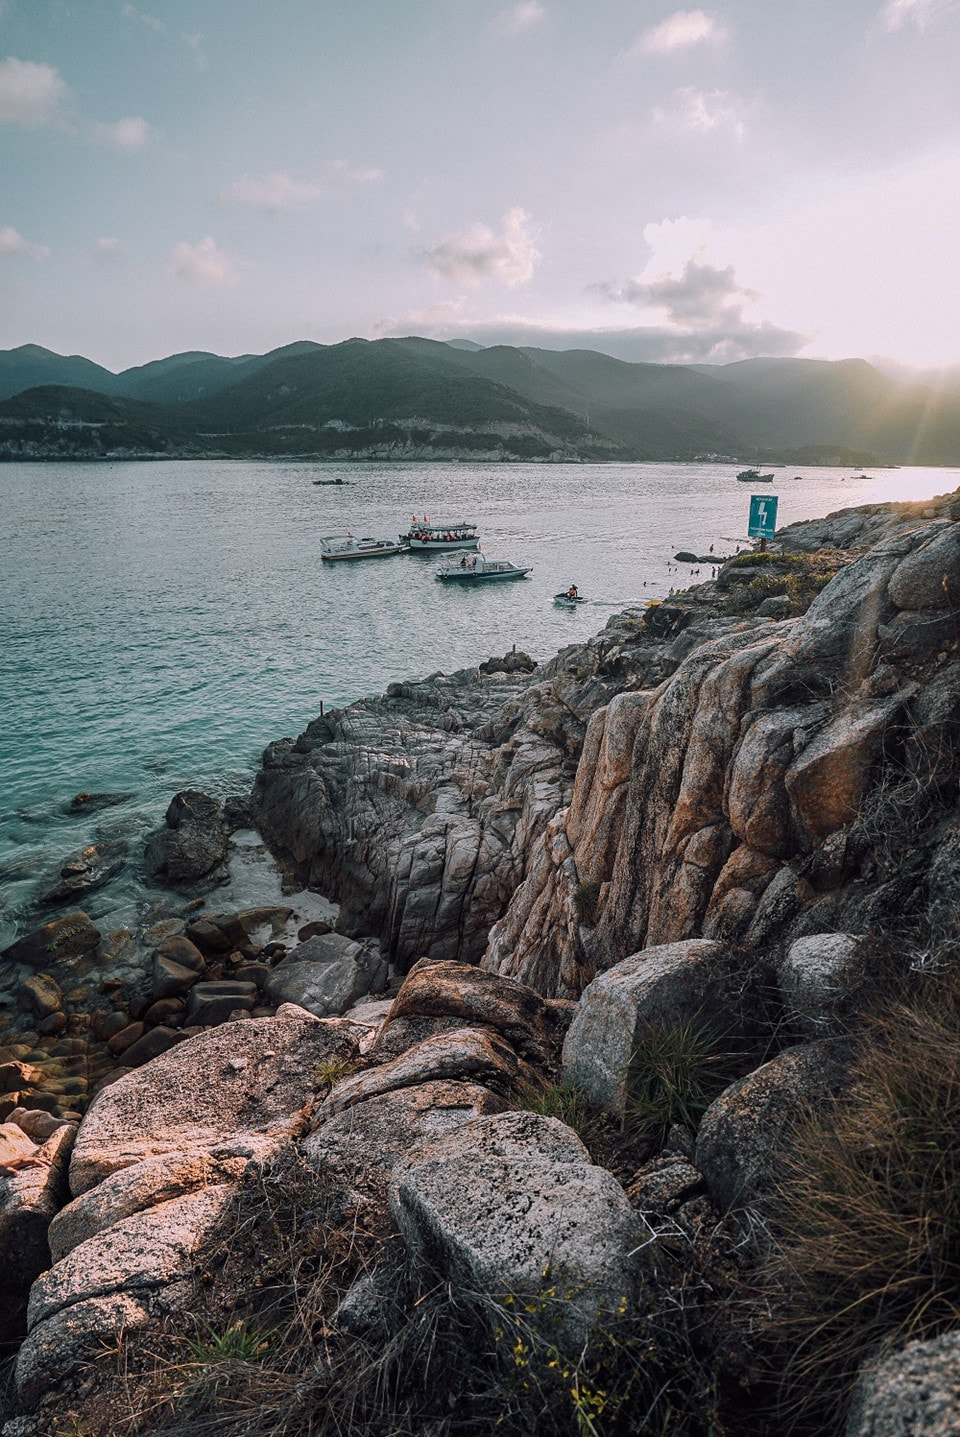 Trải nghiệm vẻ đẹp thanh bình trên đảo Bình Hưng tỉnh Khánh Hòa - Ảnh 7